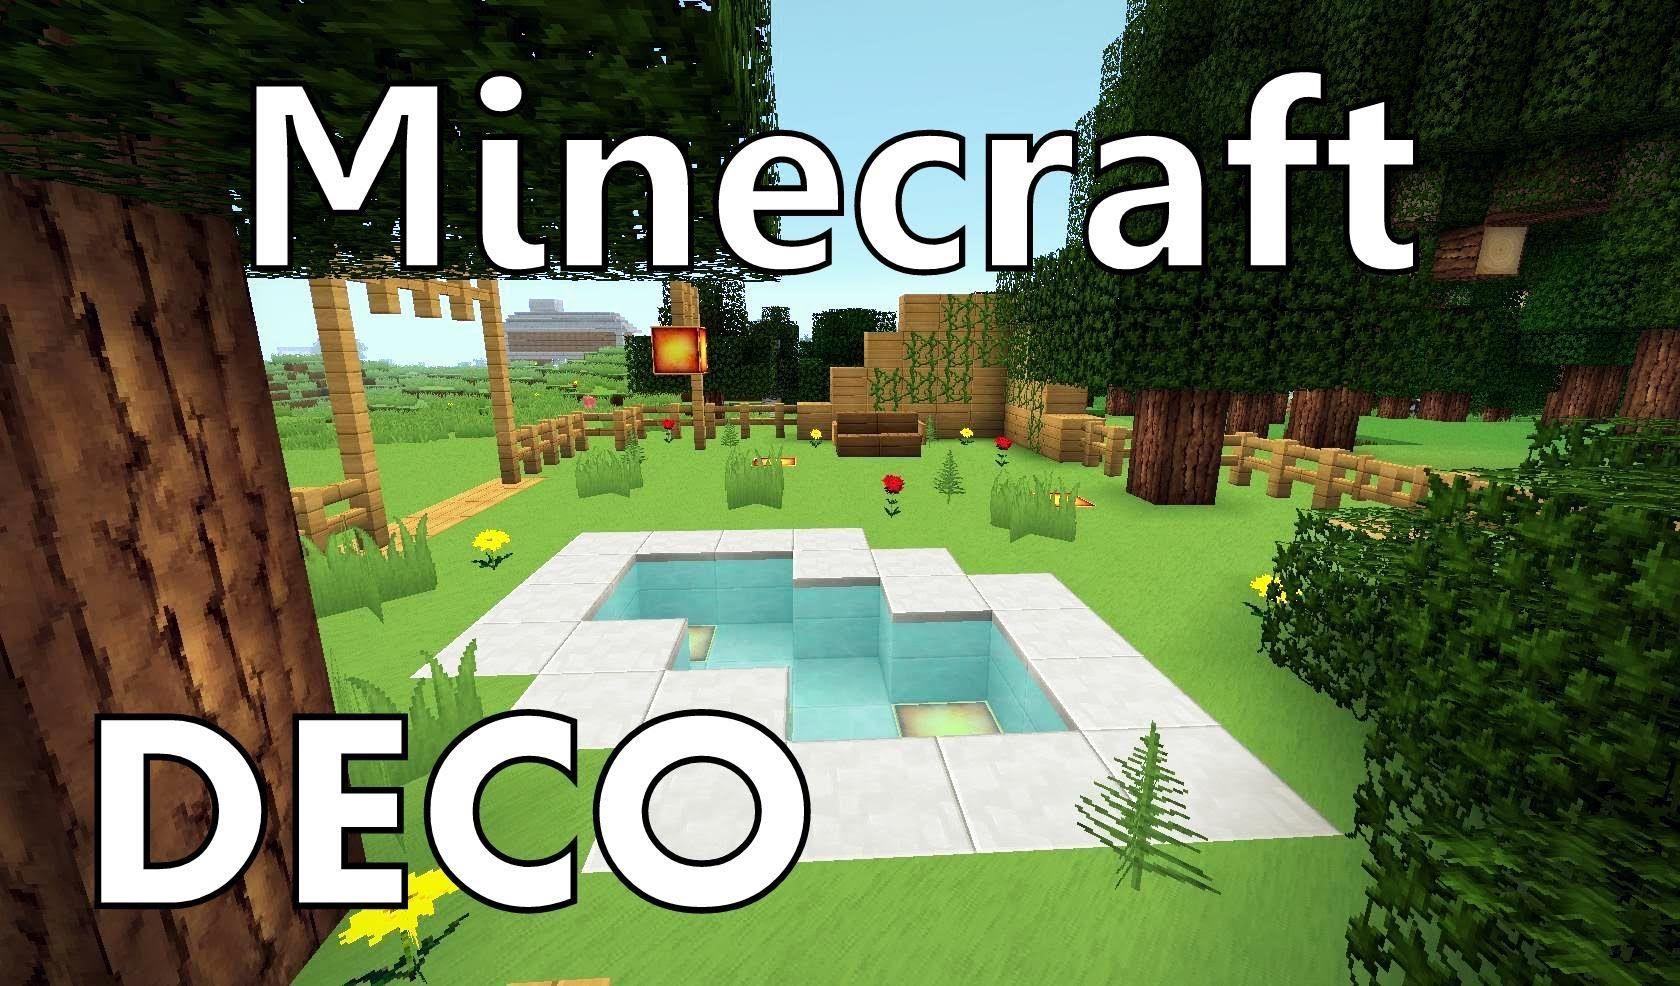 Minecraft : Comment Créer un Beau Jardin | Lego | Pinterest